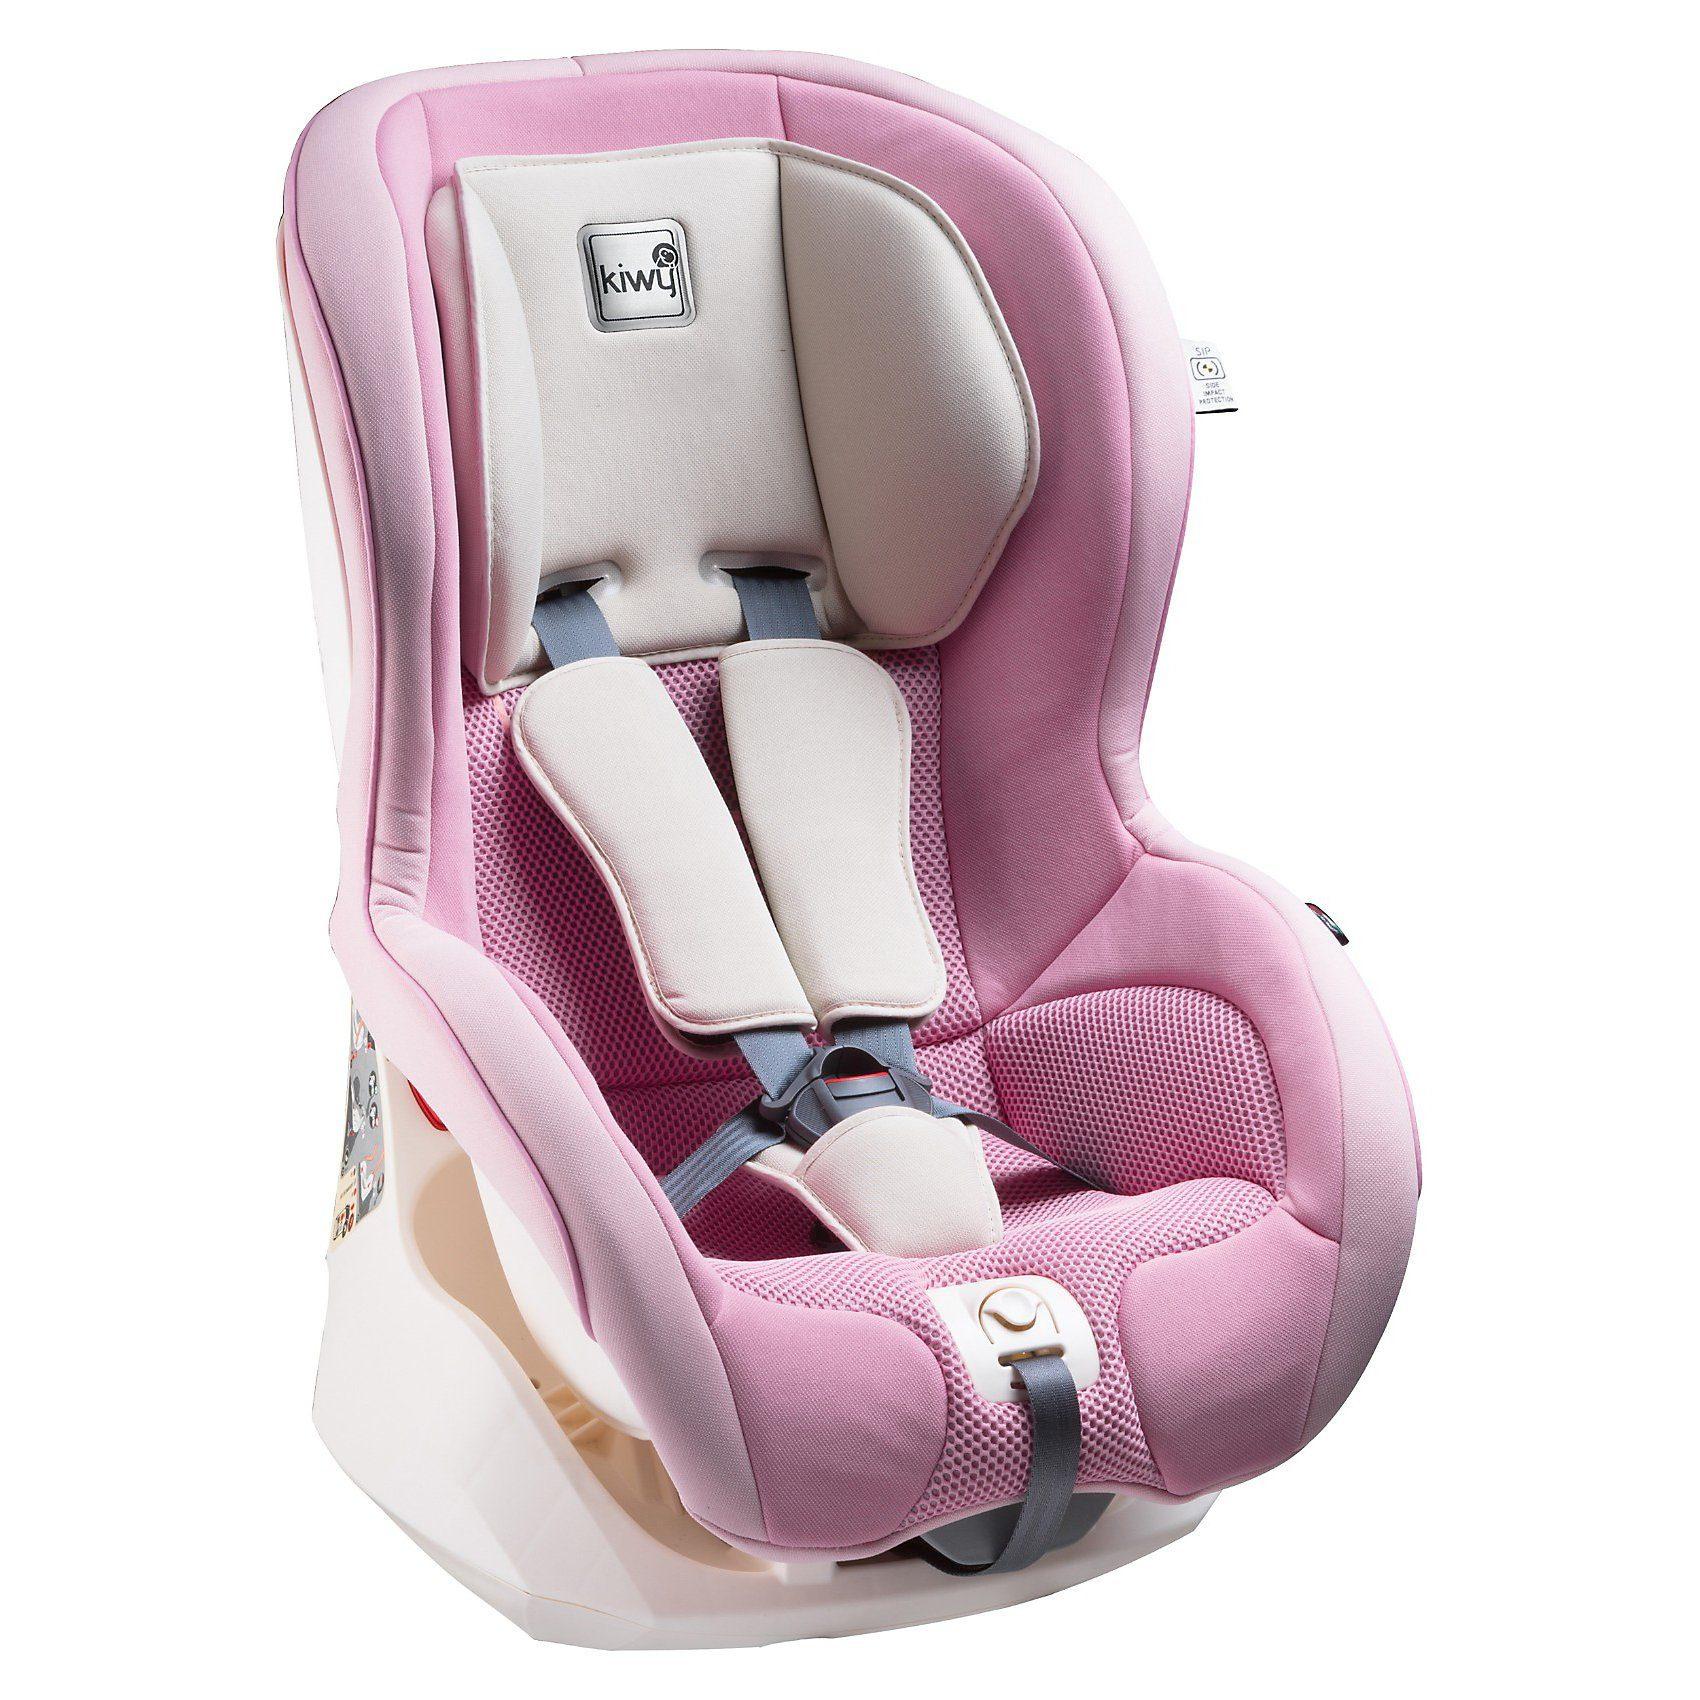 Kiwy Auto-Kindersitz SP1 SA-ATS, Candy, 2016